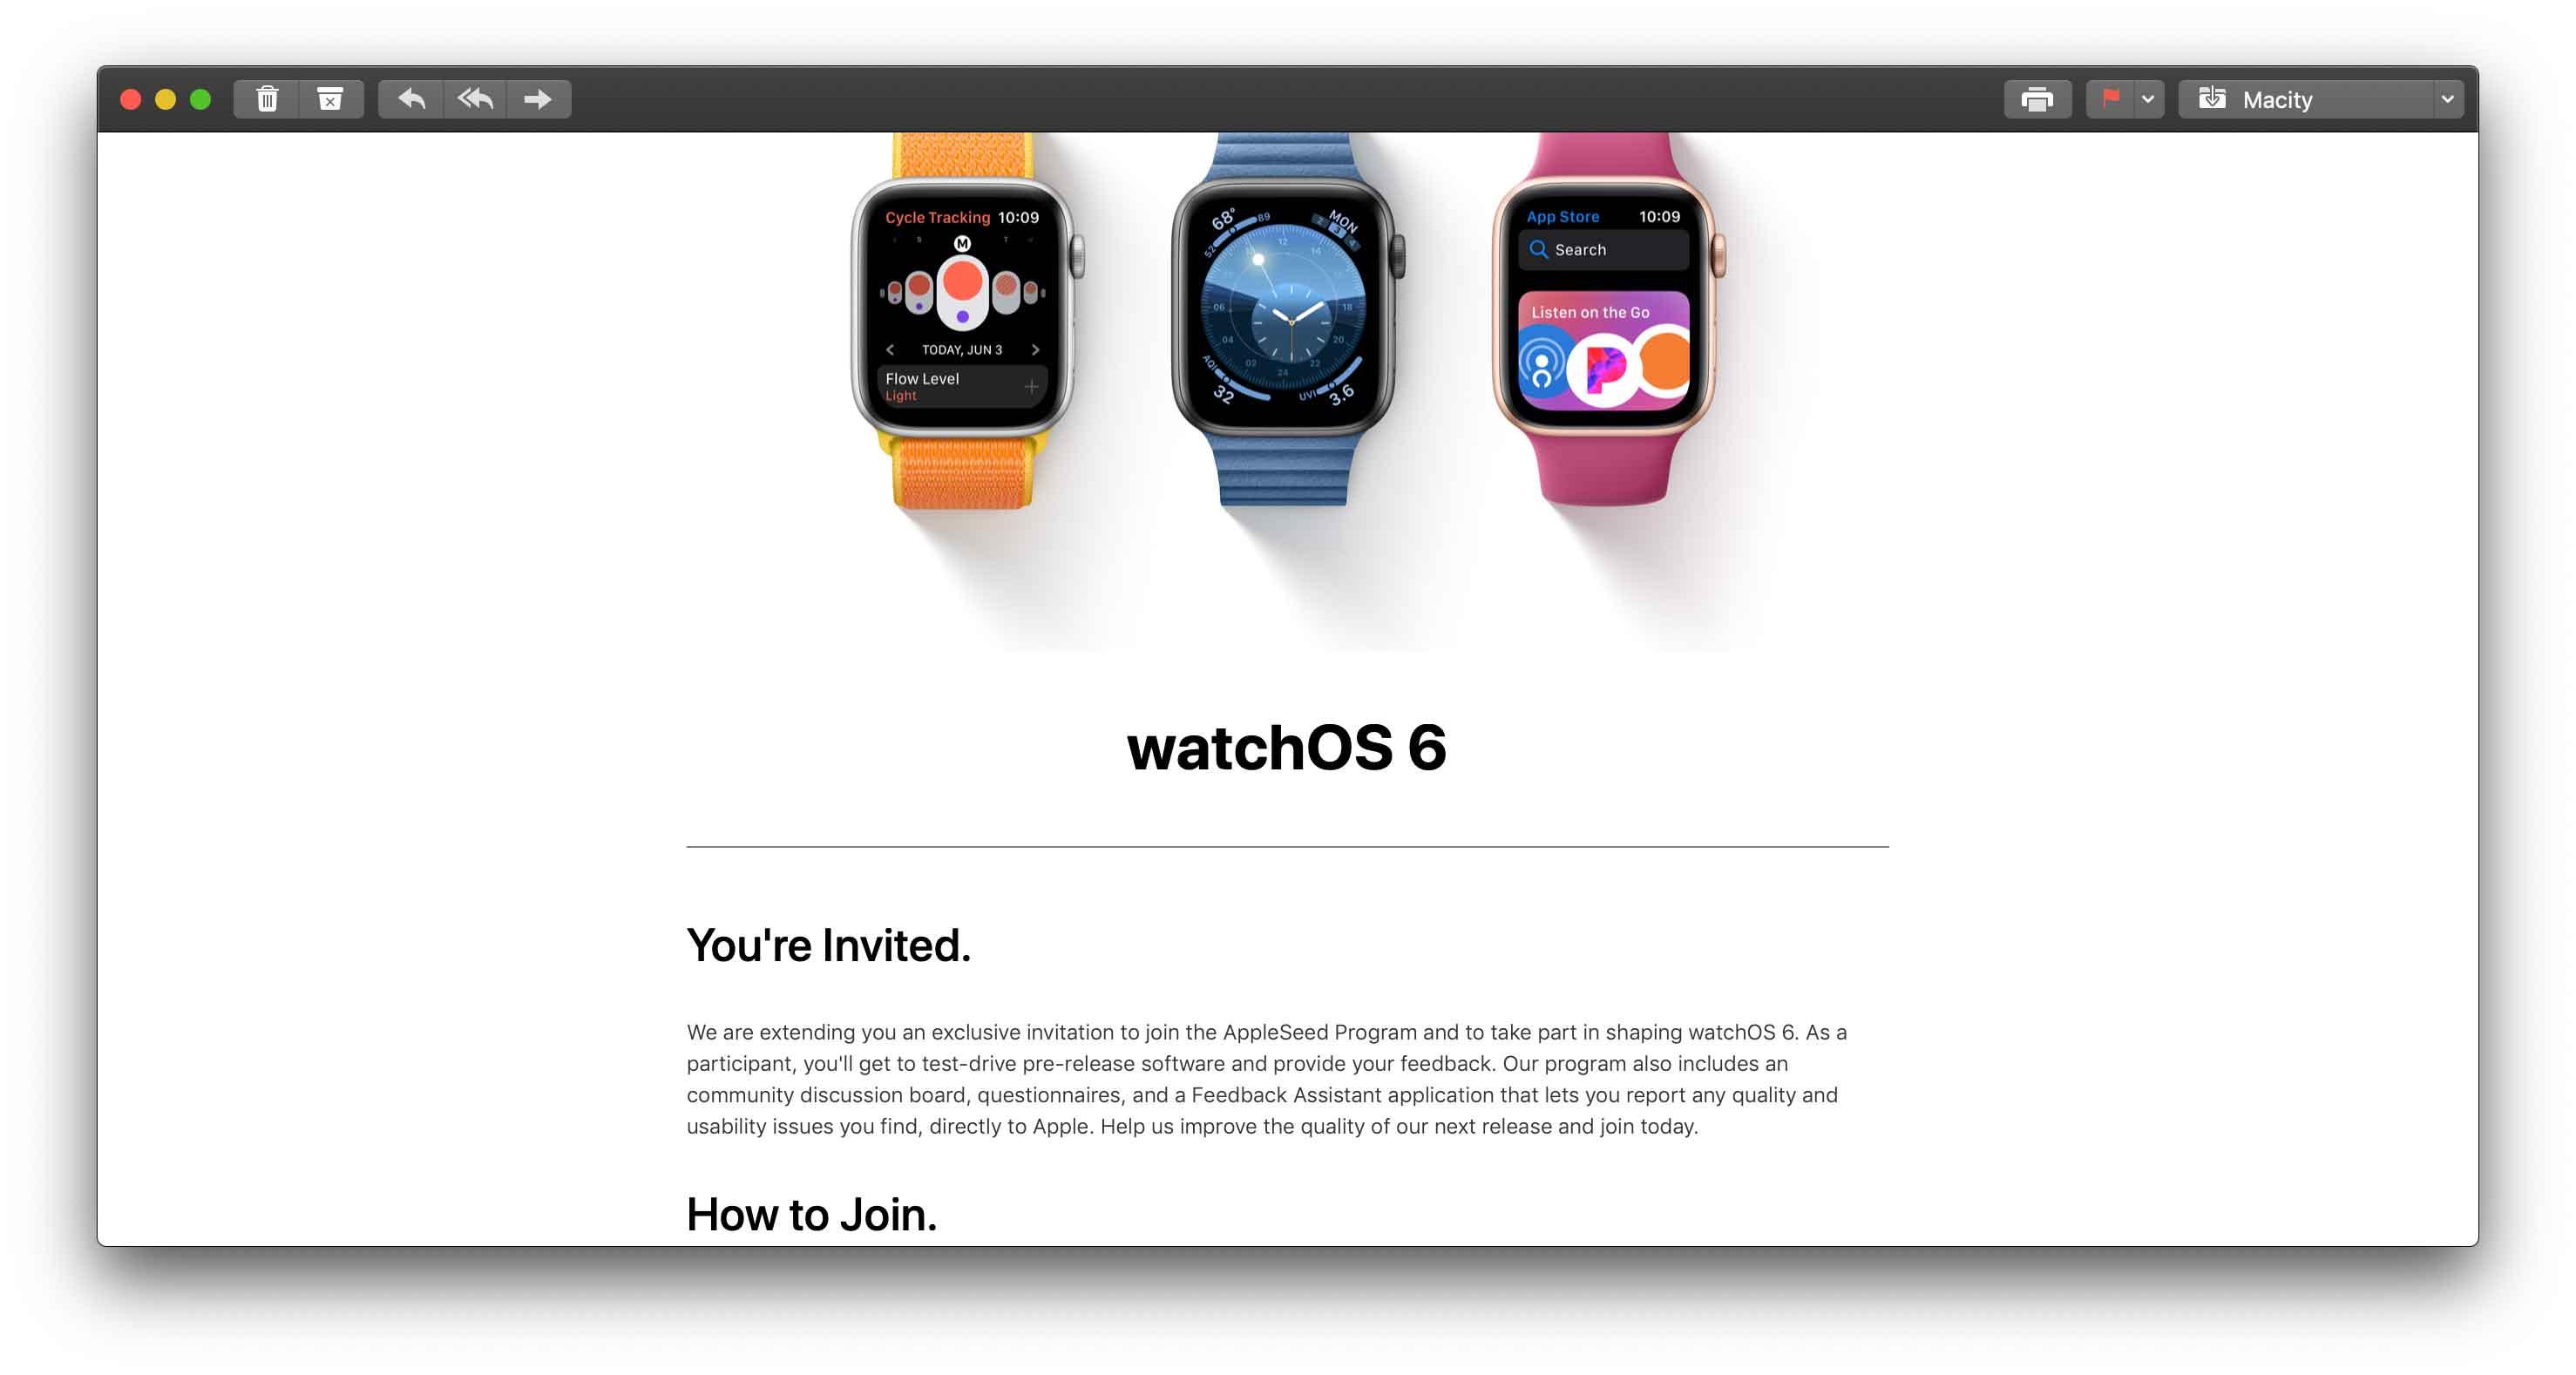 Apple ha inviato ad alcuni utenti gli inviti per provare in anteprima watchOS 6 beta